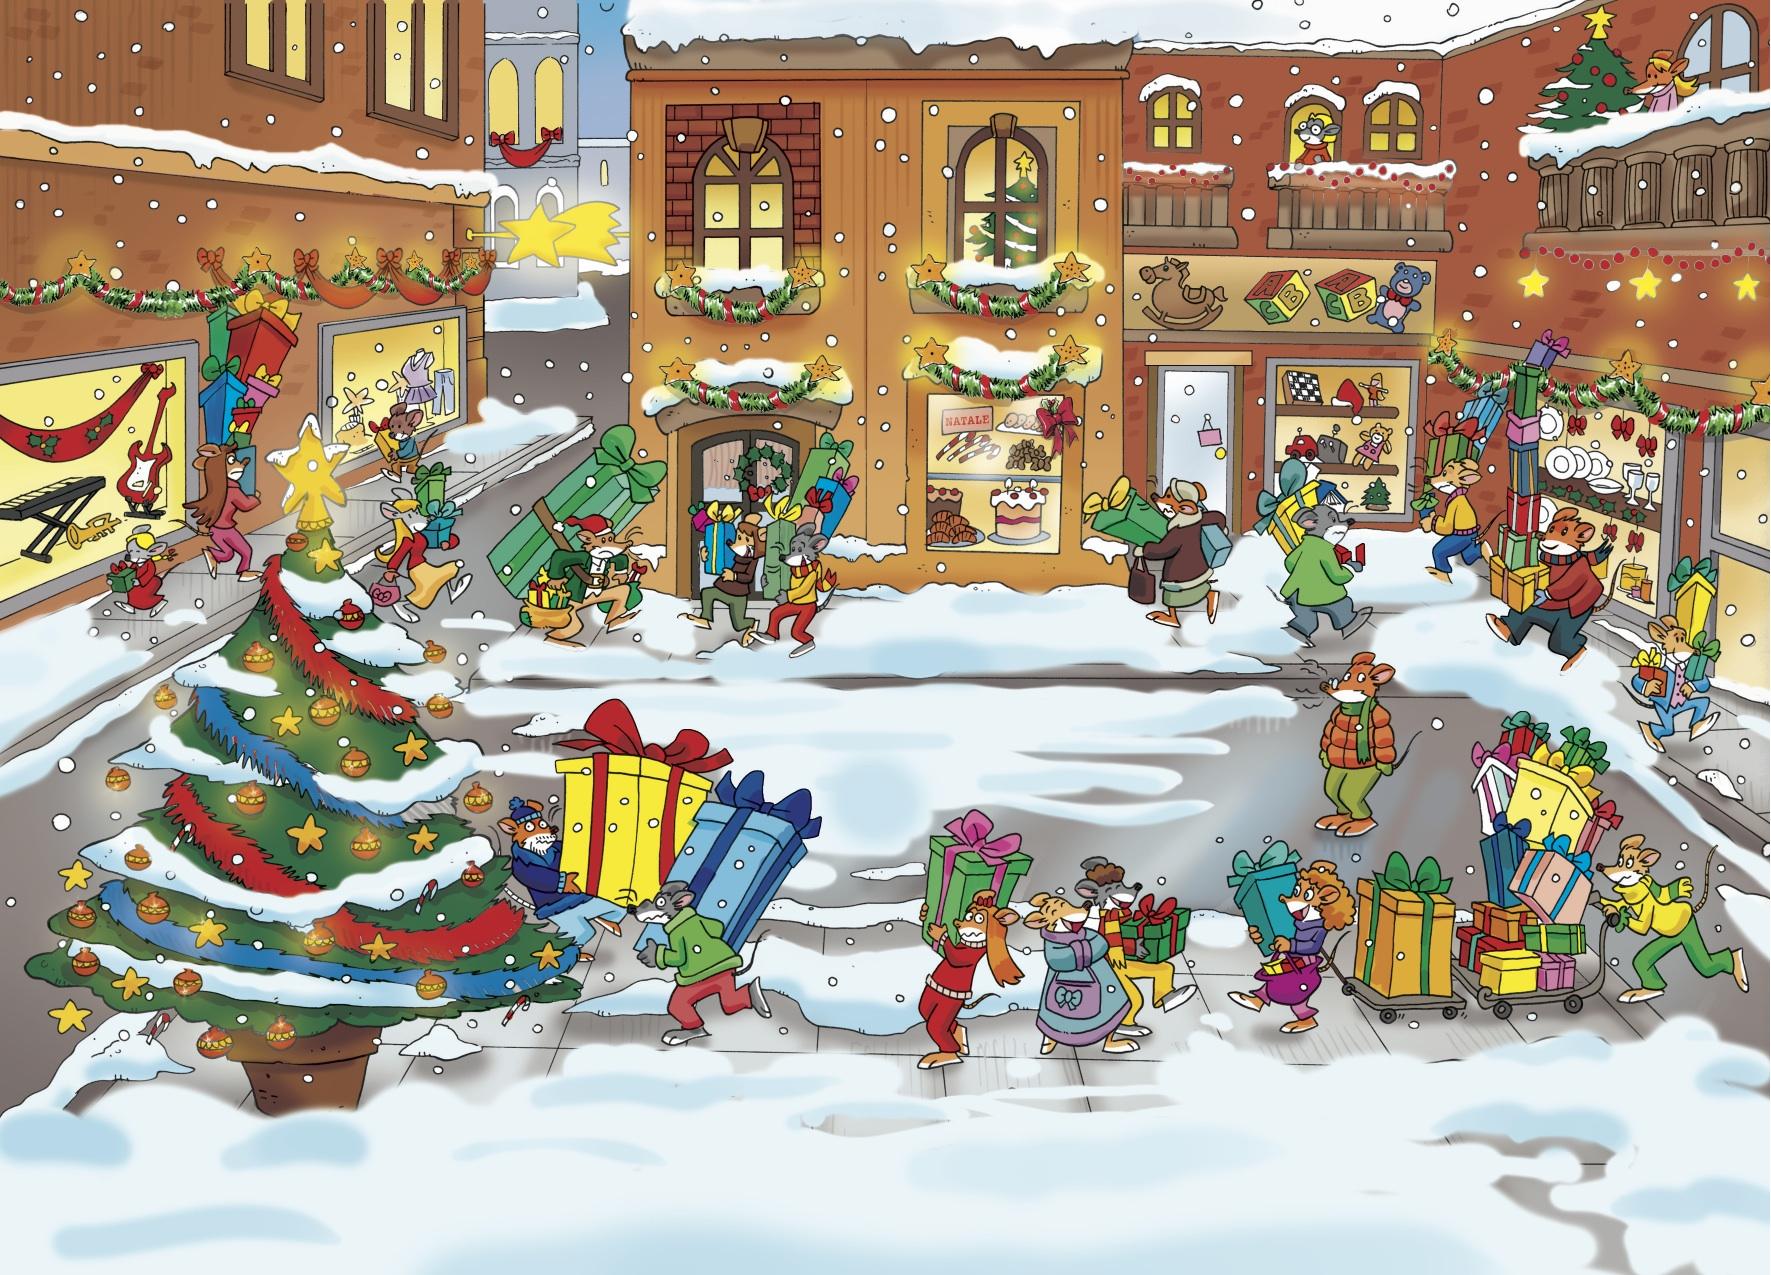 Girotondo E Natale.Le Vostre Rime Di Natale Sul Topoblog Topoblog Geronimo